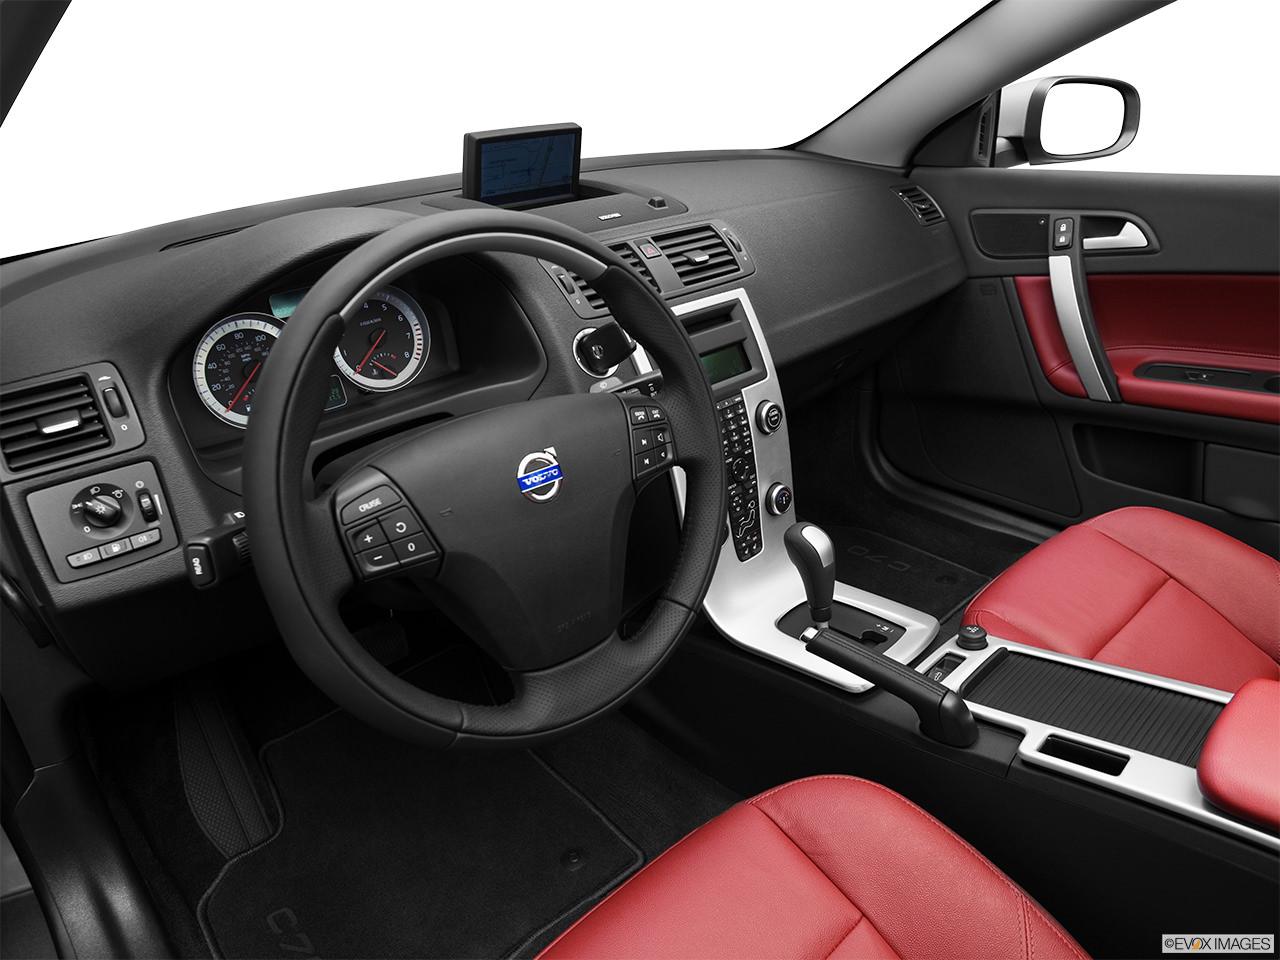 Volvo C70 2012 Interior